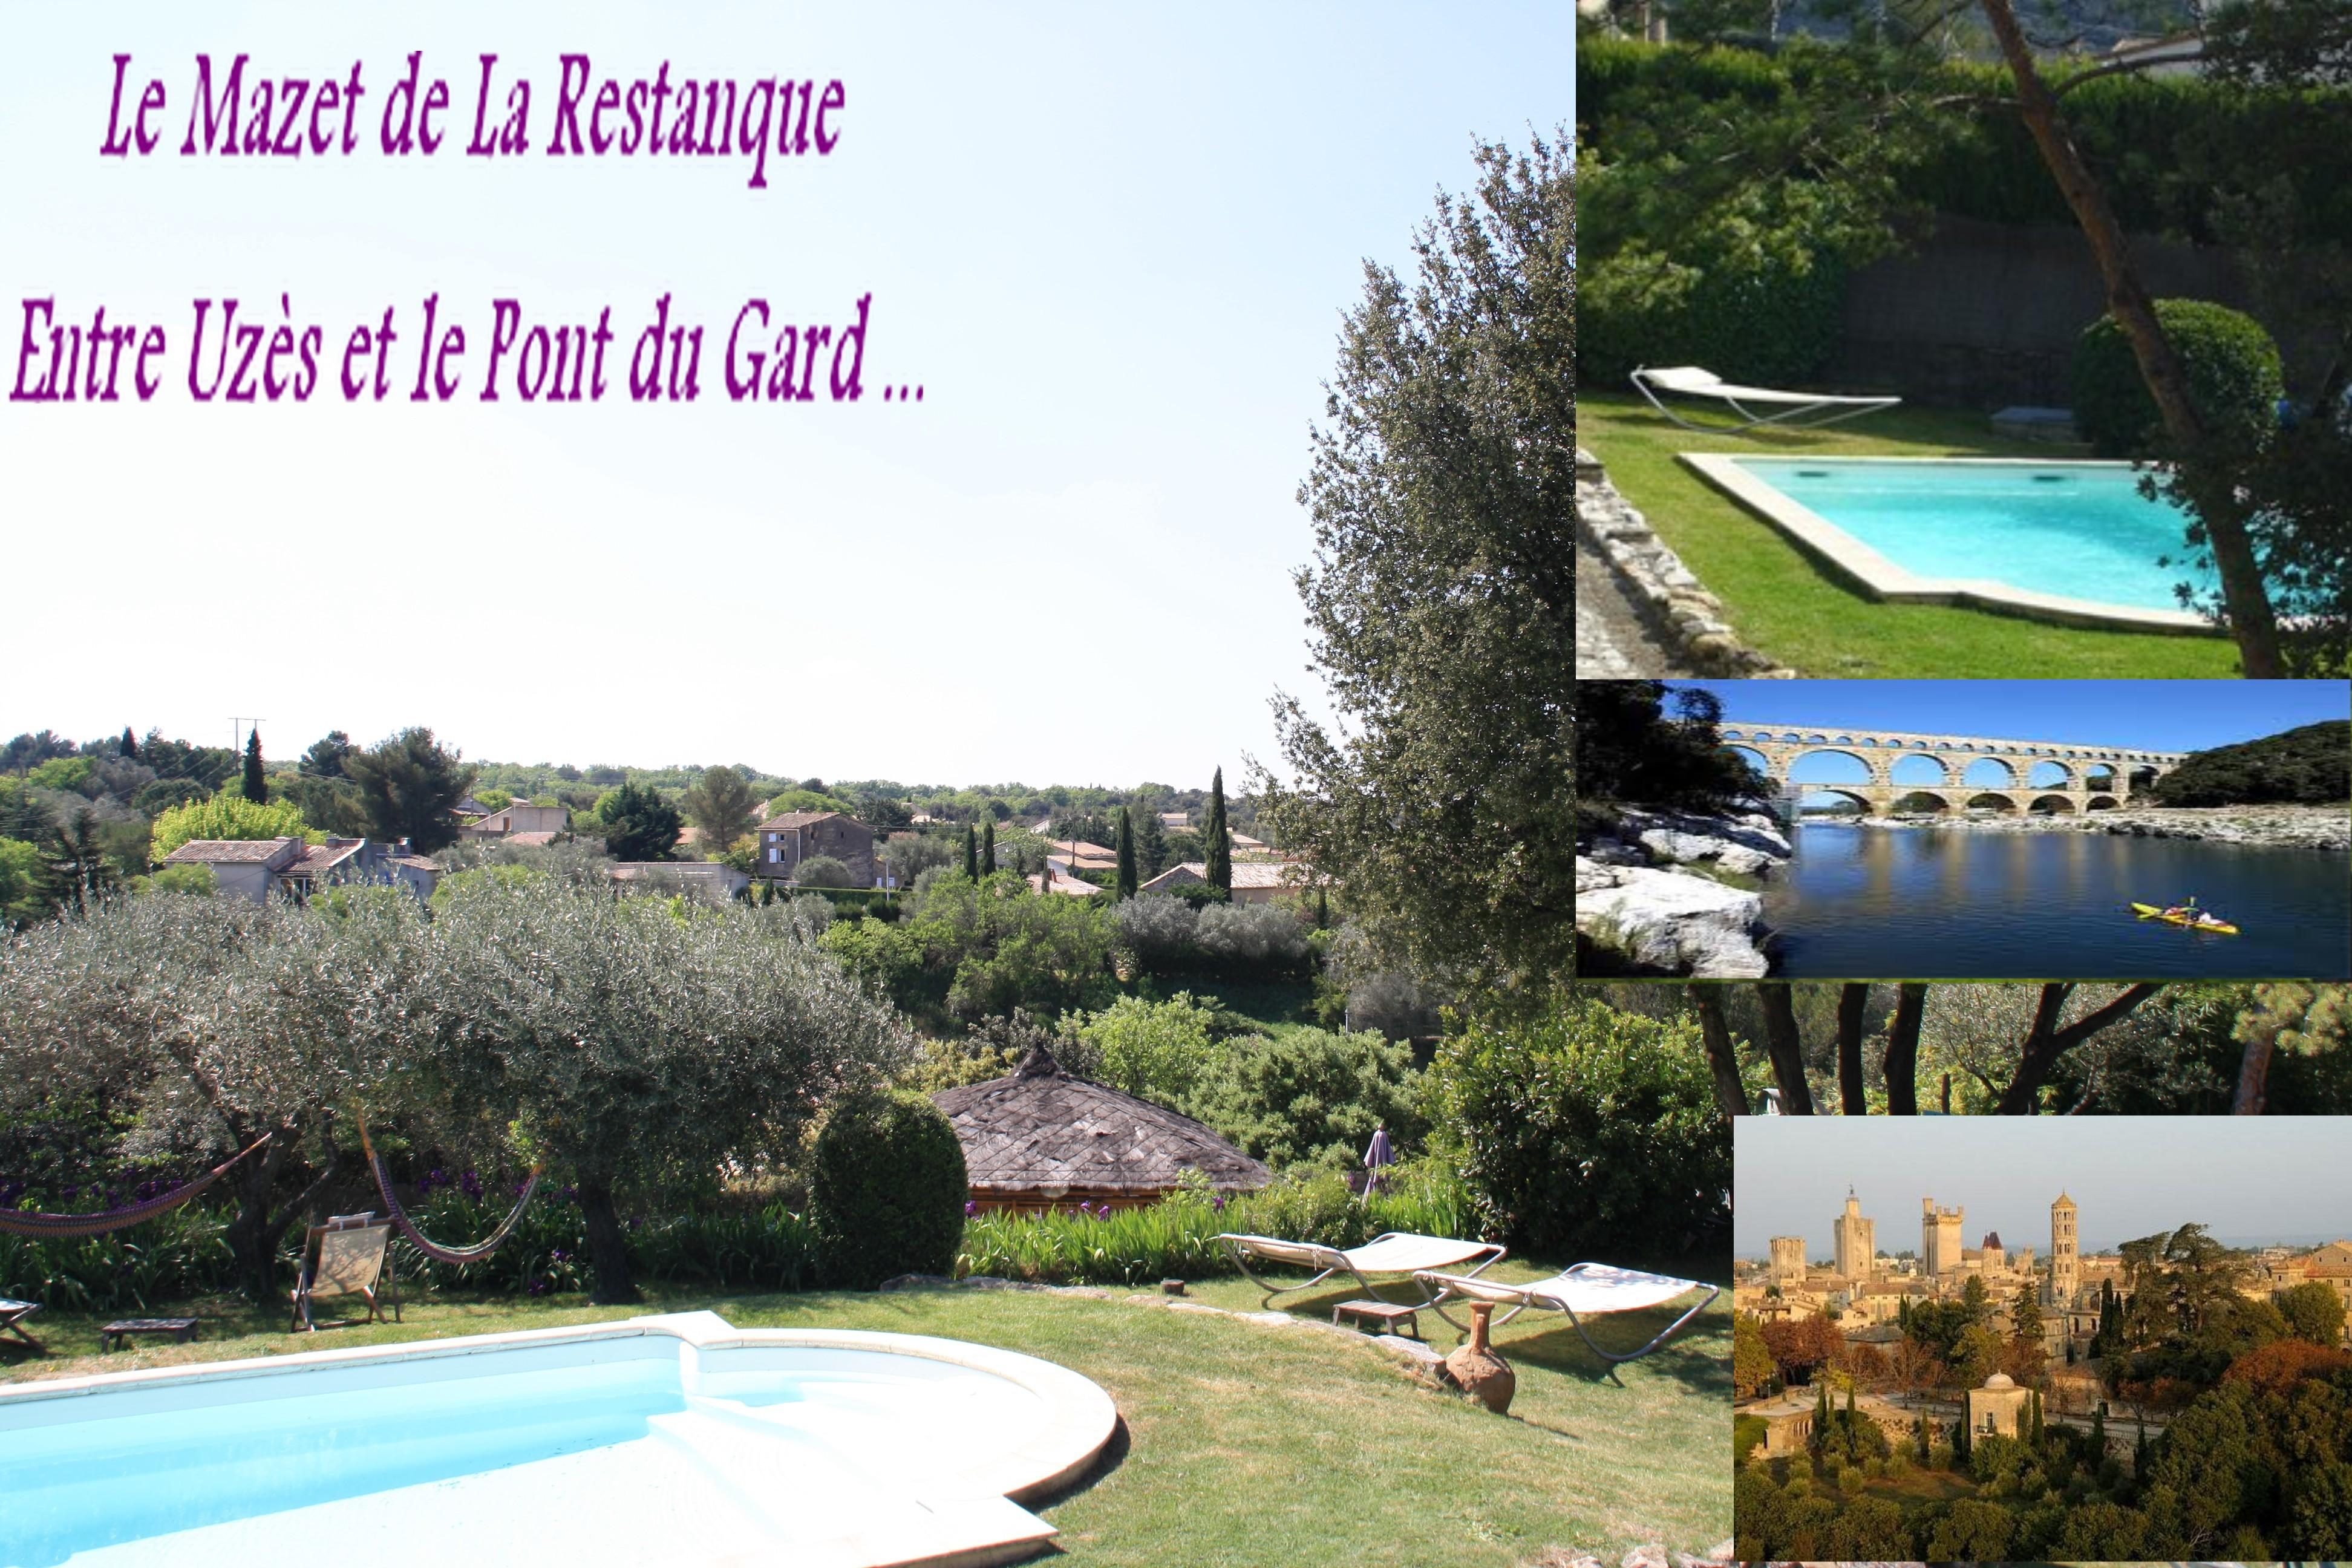 Location de vacances ou week end uz s pont du gard for Camping pont du gard avec piscine